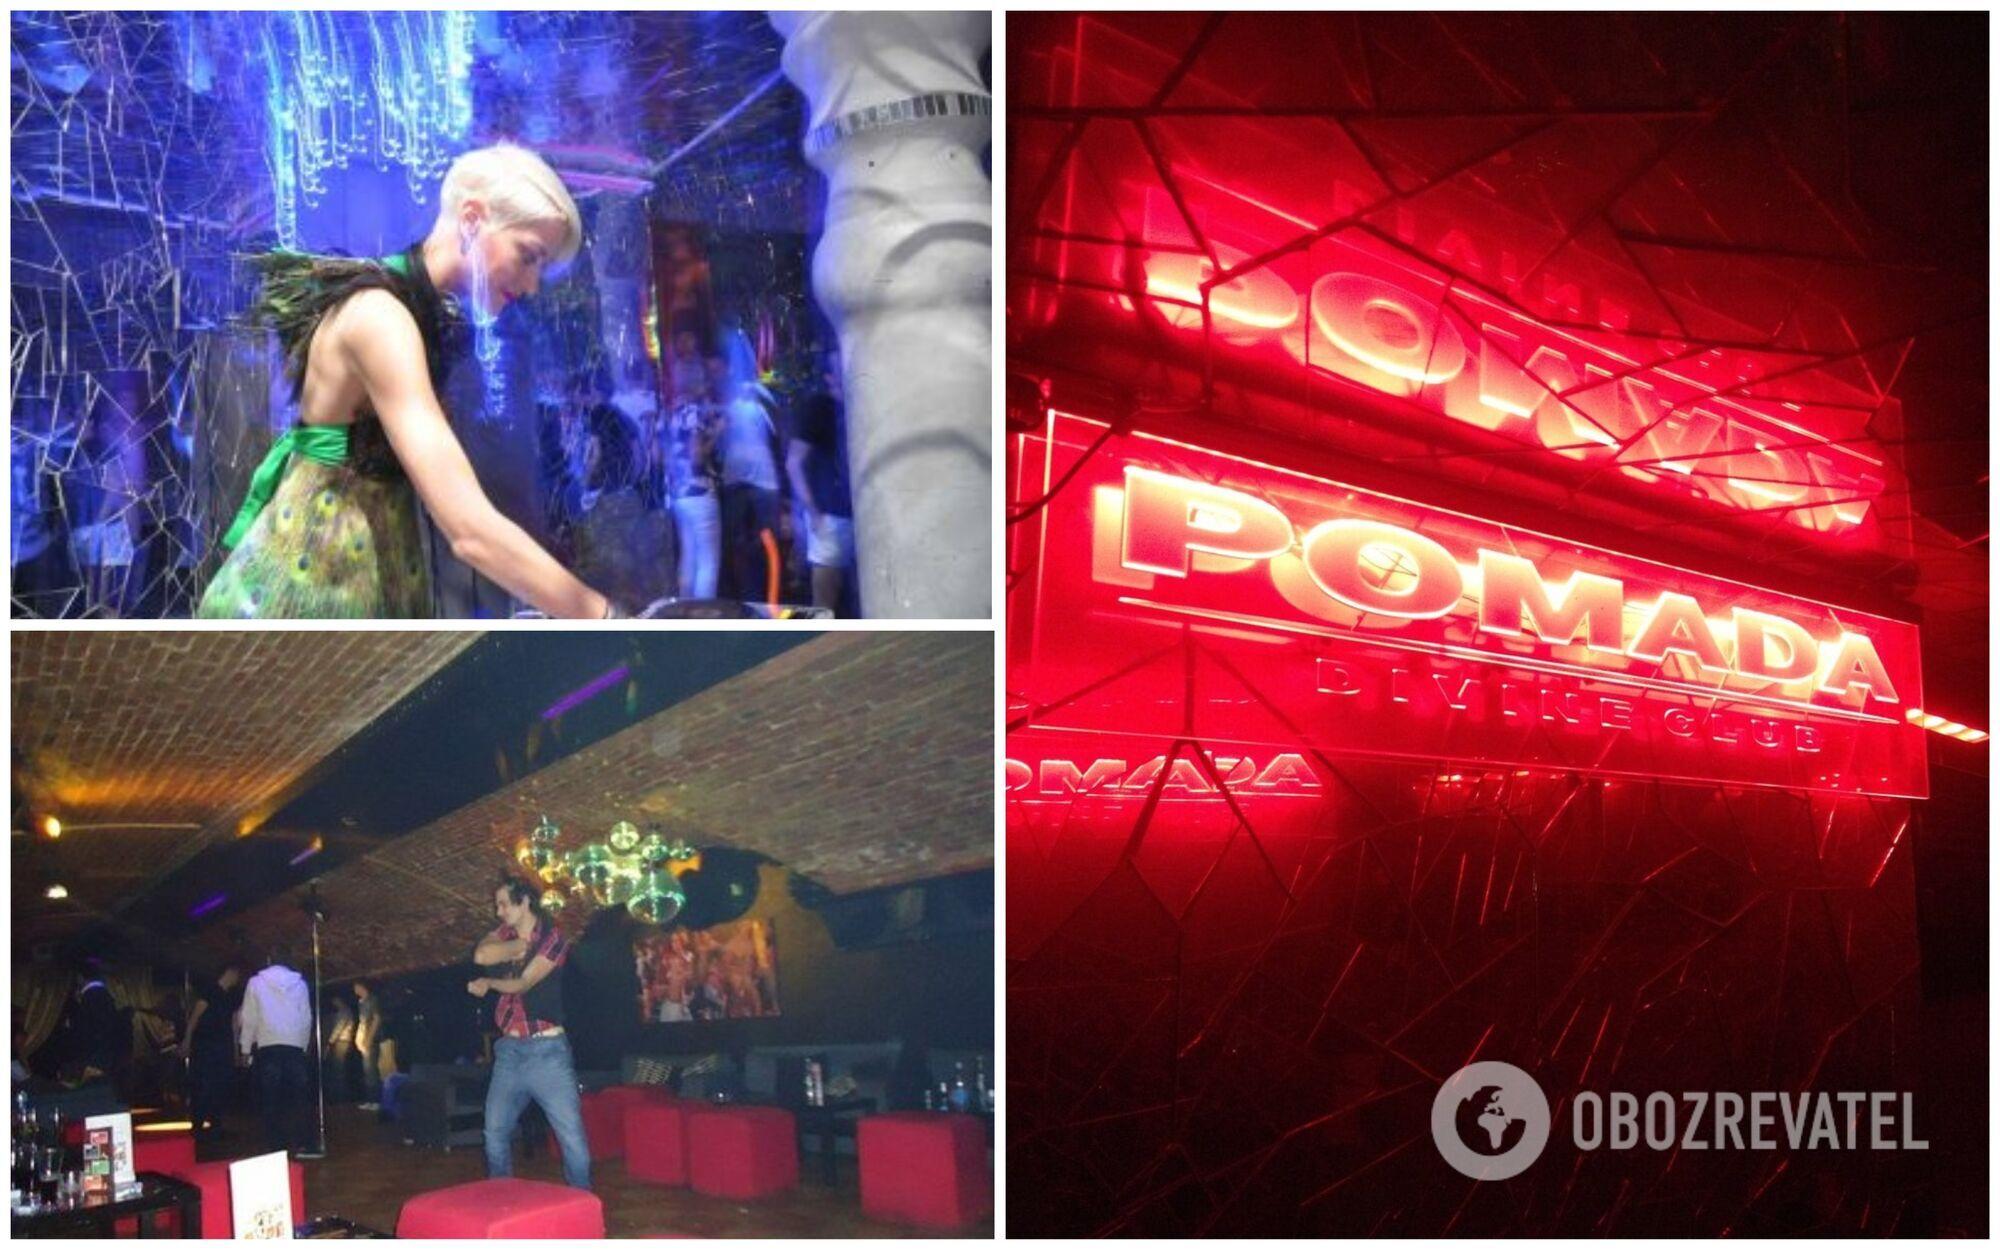 Нічний гей-клуб у Києві Pomada